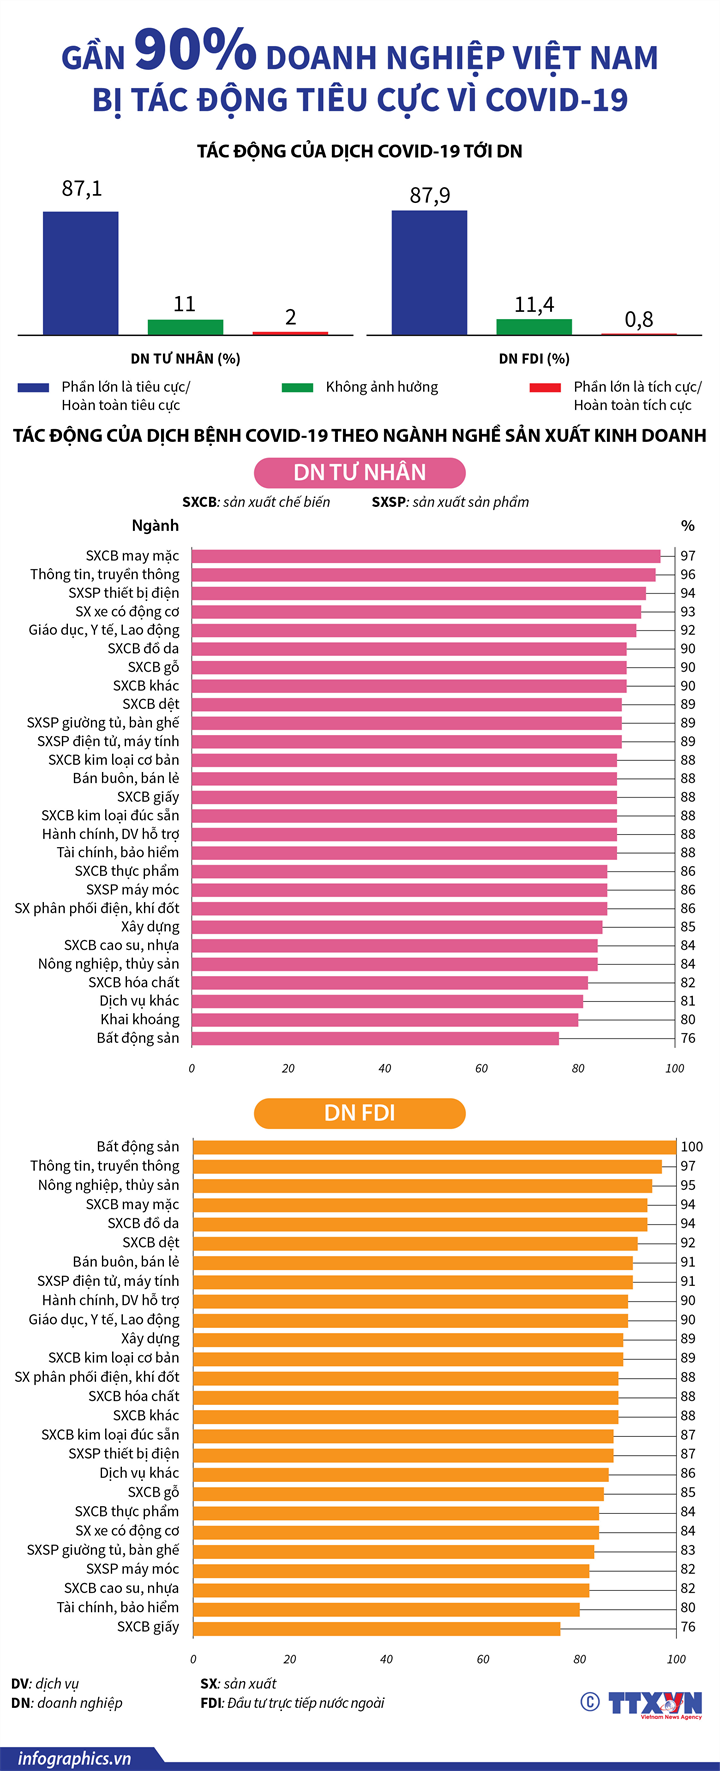 [Infographics] Gần 90% doanh nghiệp Việt Nam bị tác động tiêu cực vì Covid-19 - Ảnh 1